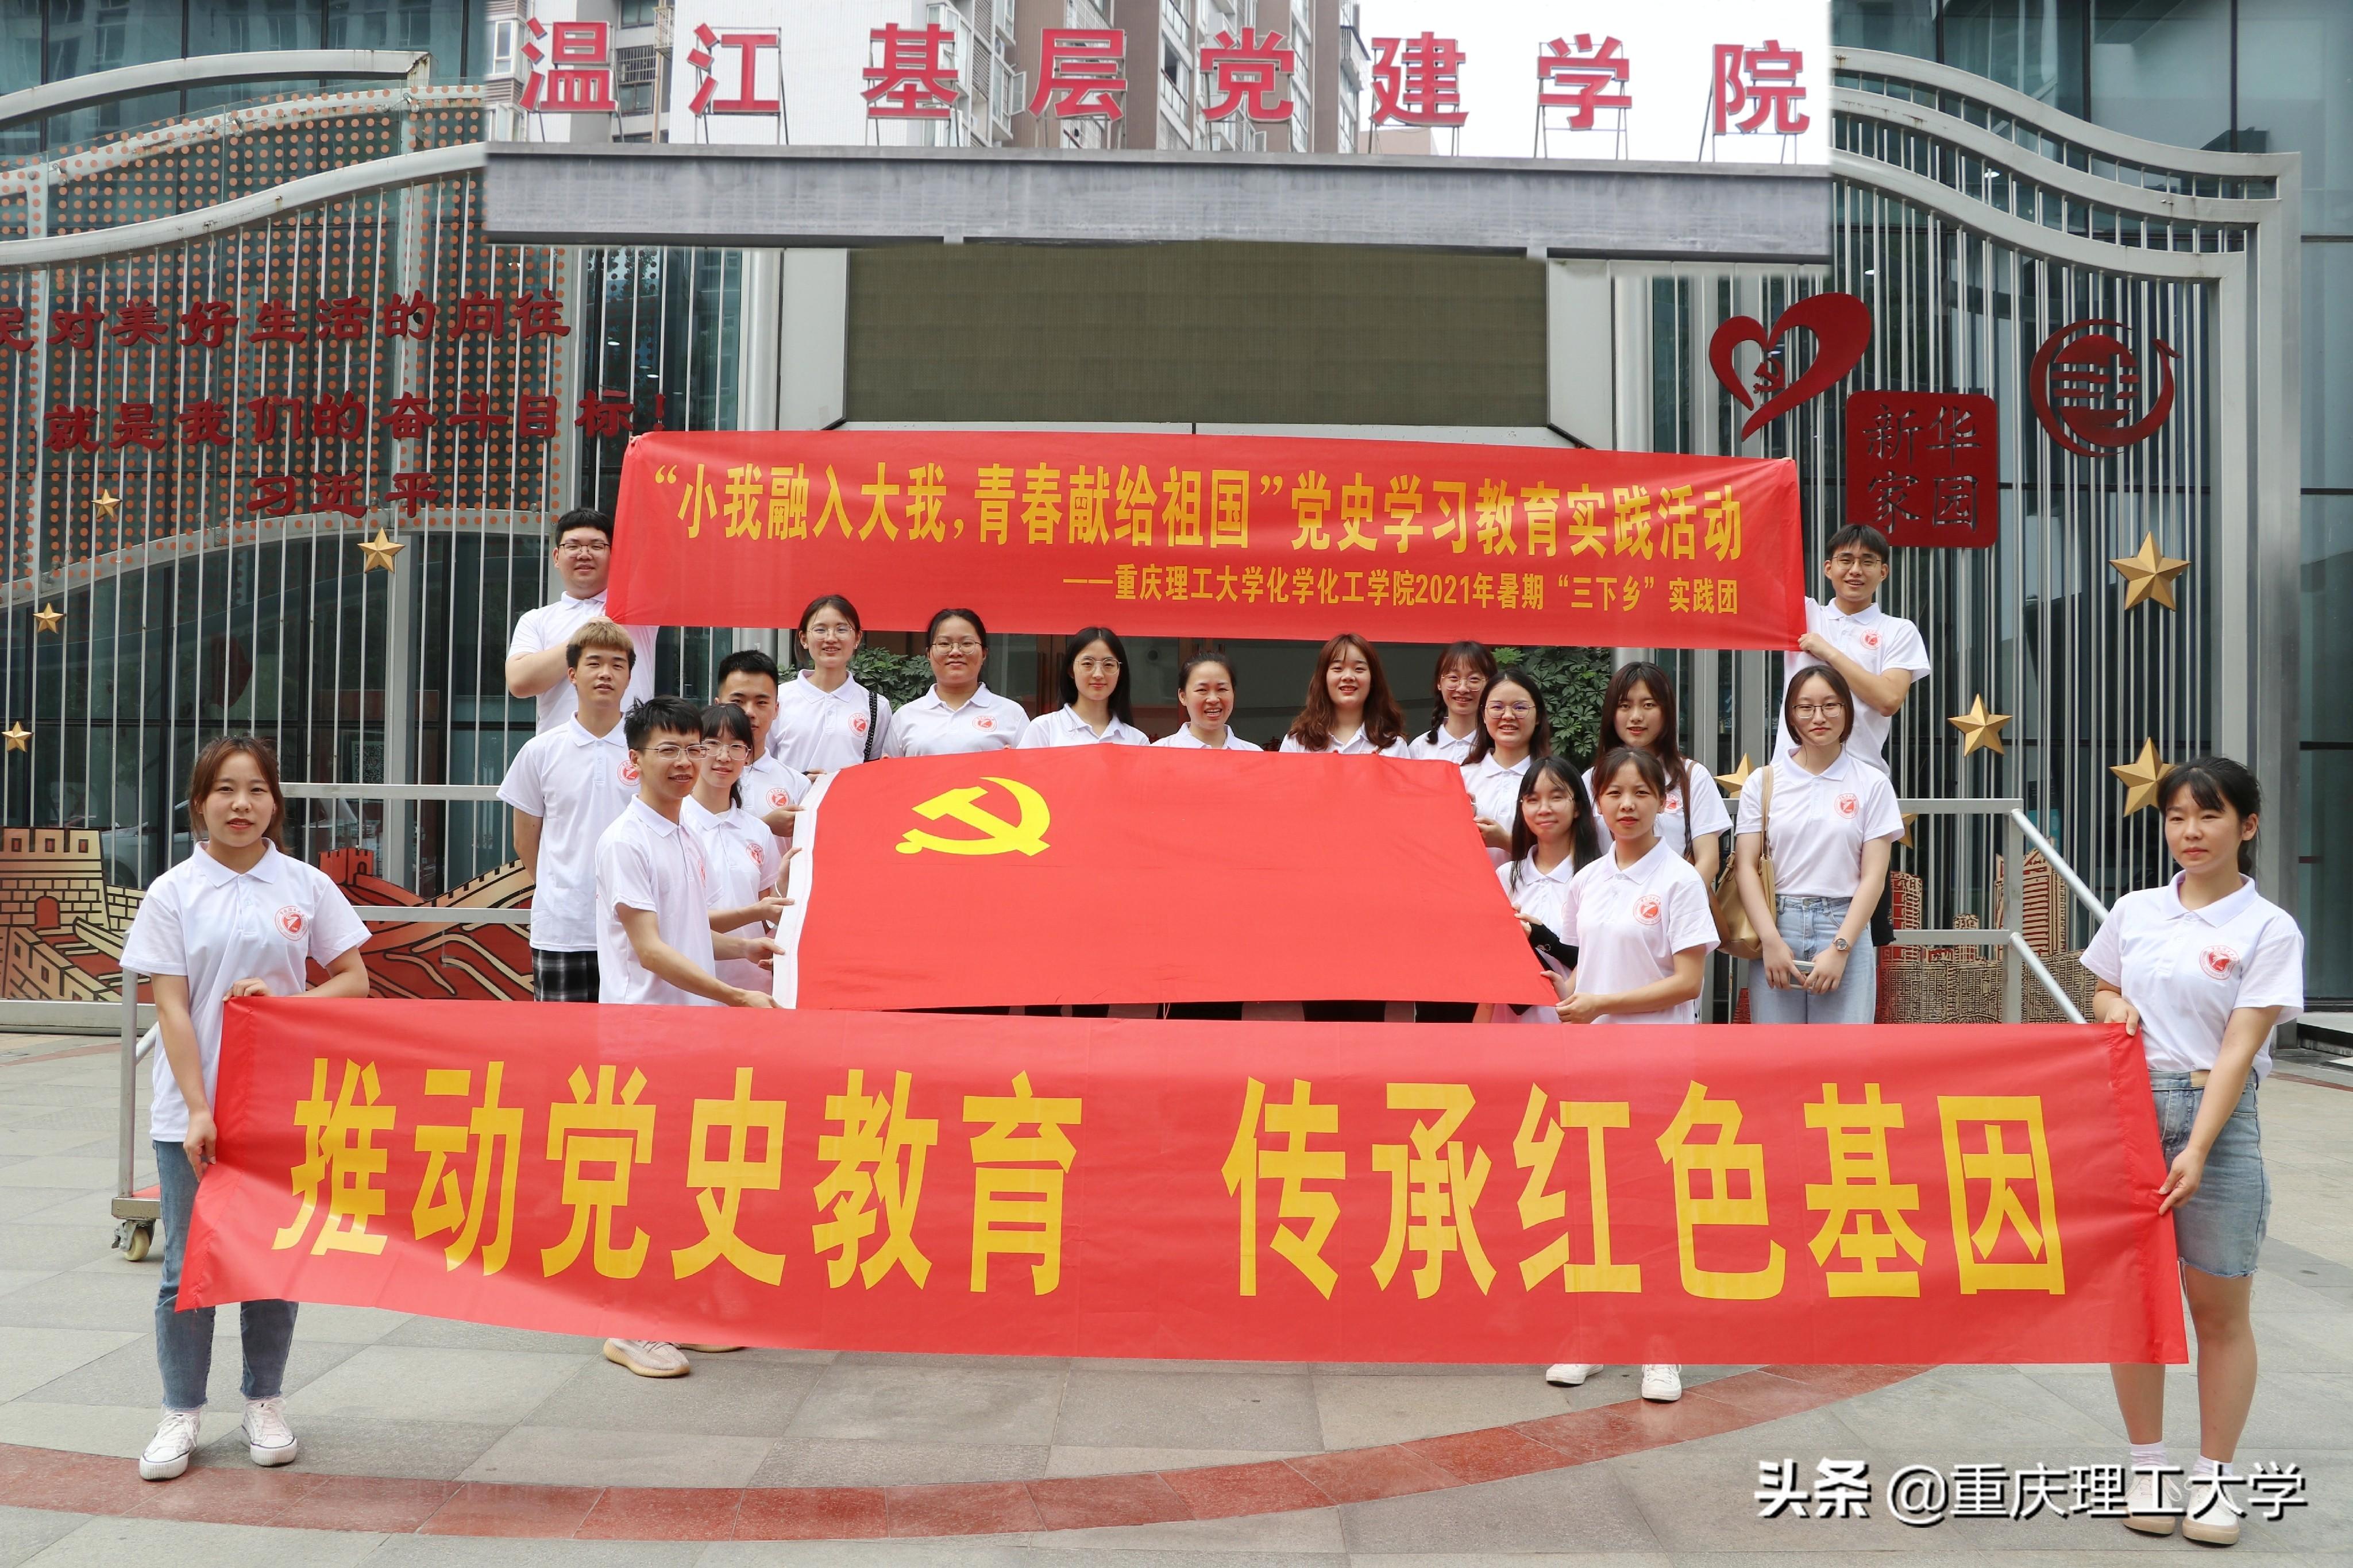 化工学子赴温江基层党建学院调研:智慧党建让党建插上信息化翅膀